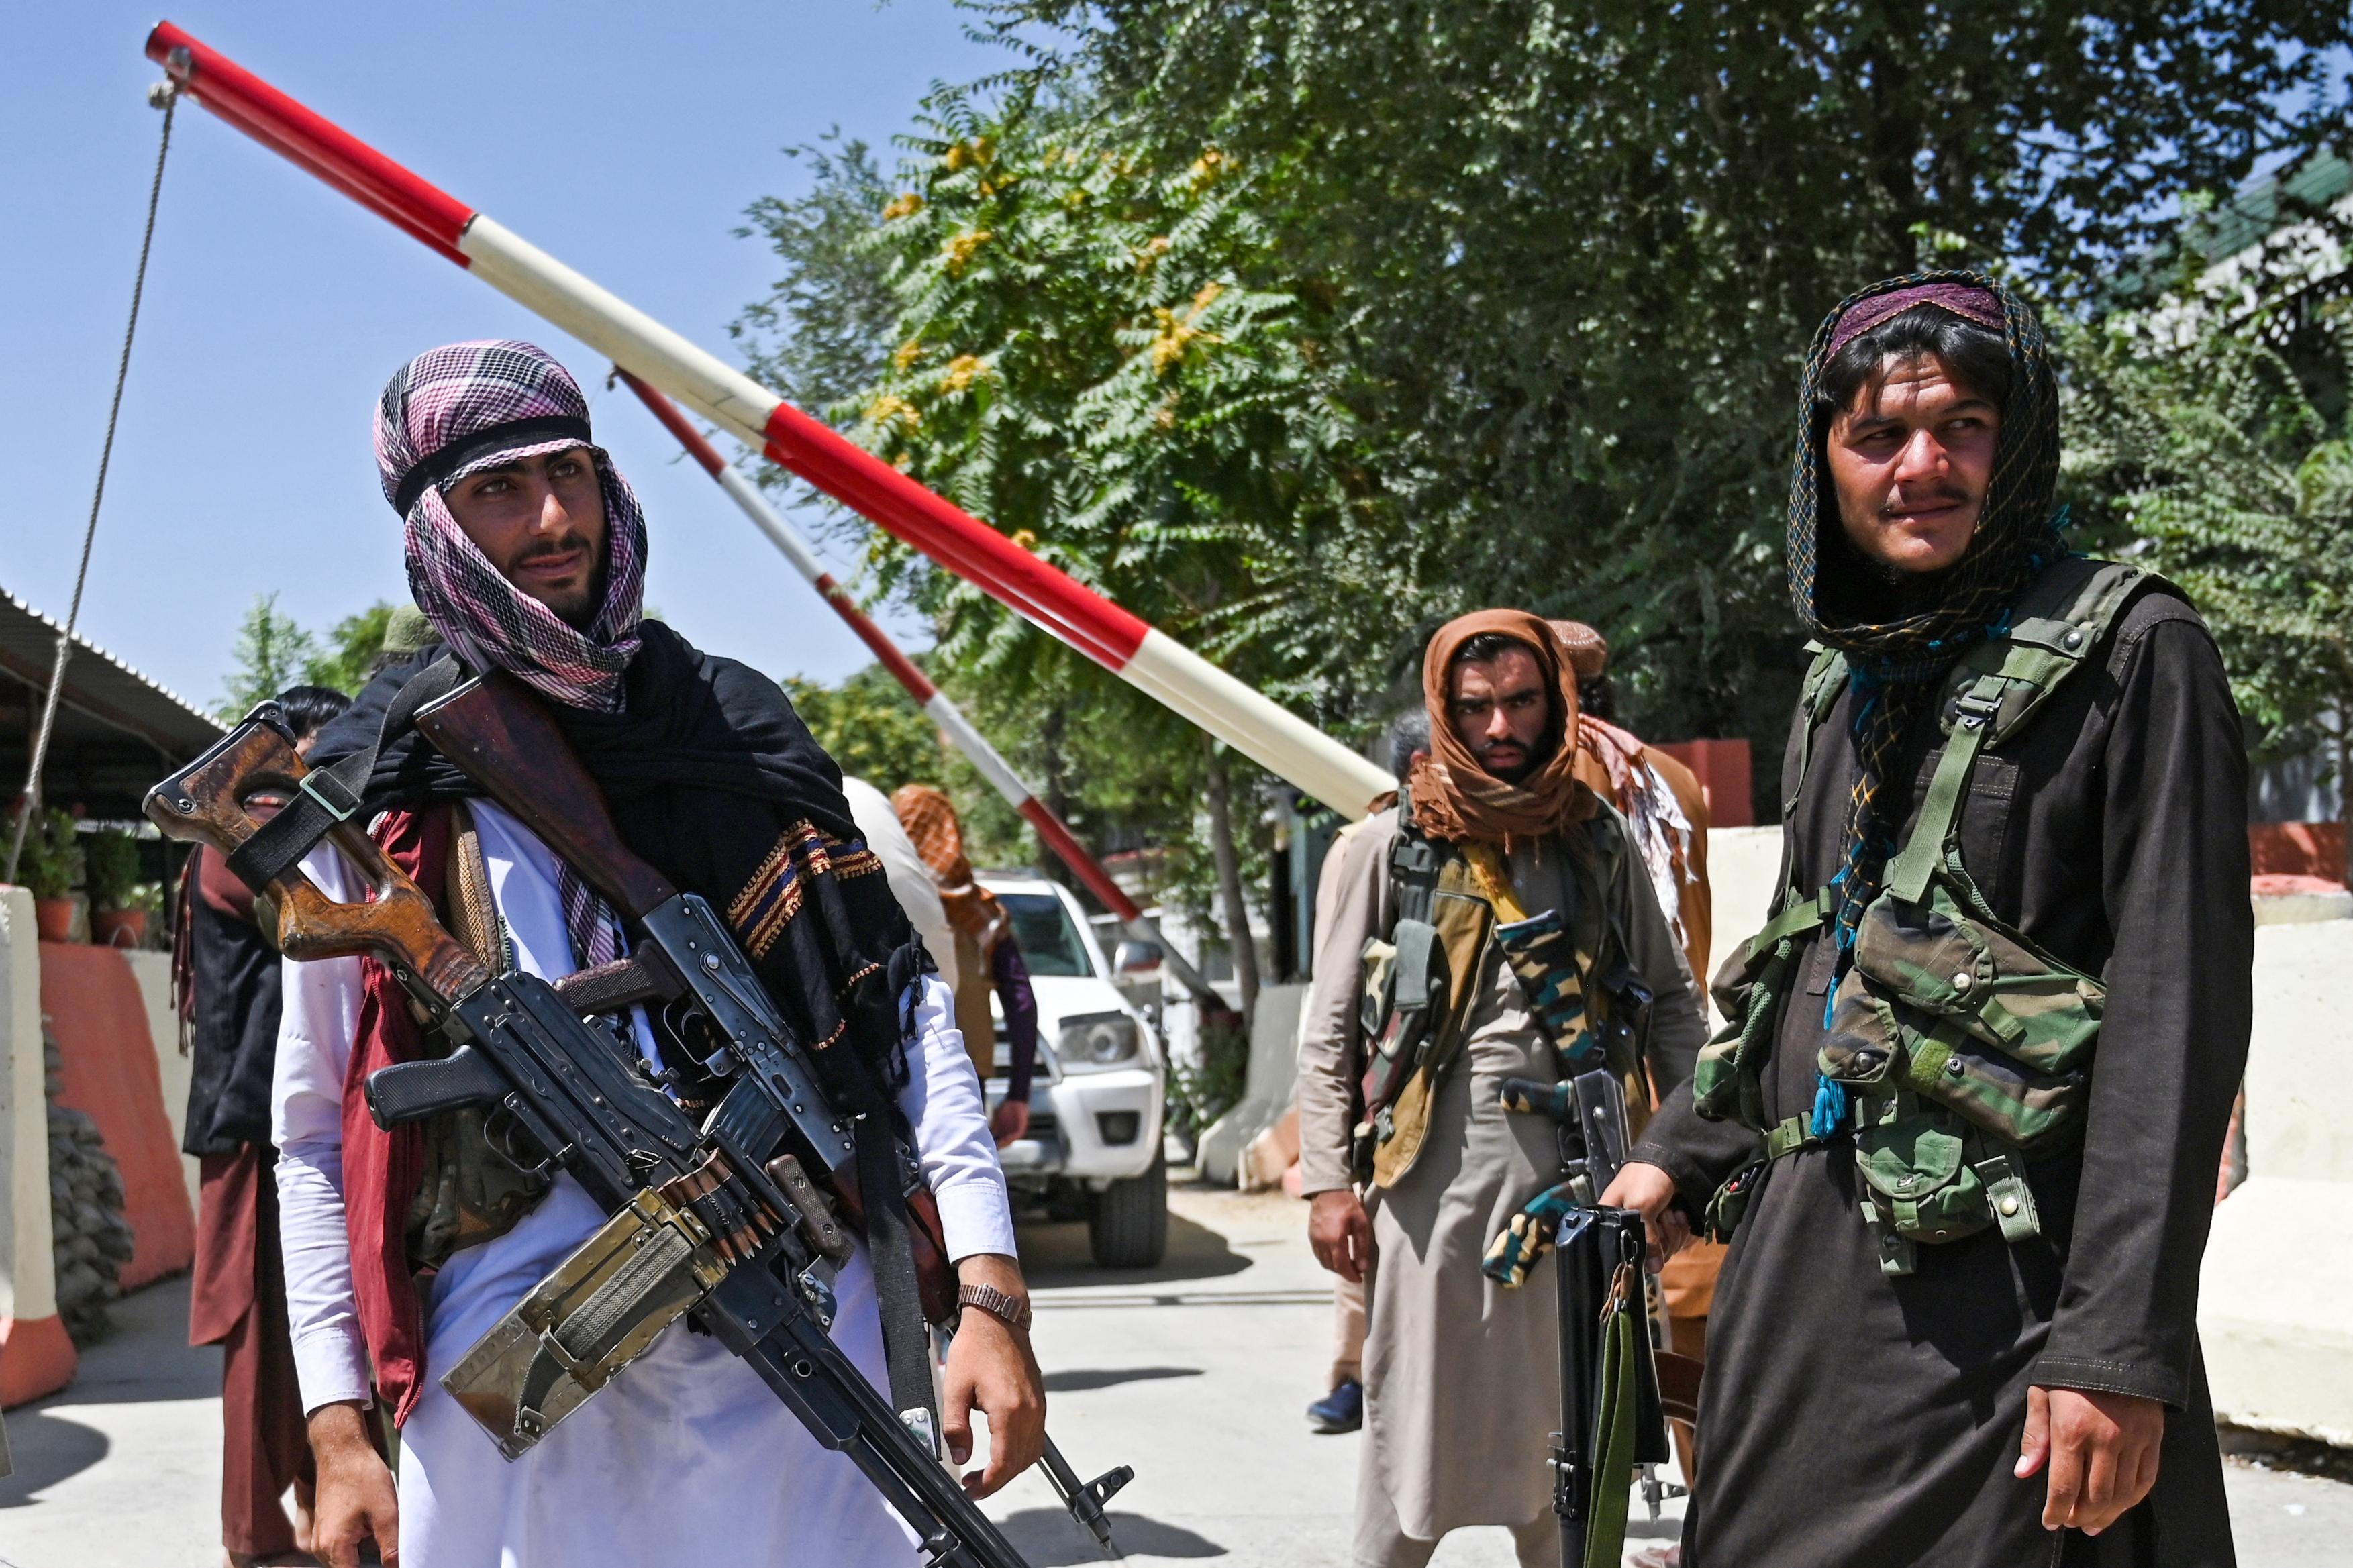 Oroszország nem lesz ott az új afgán kormány beiktatásán